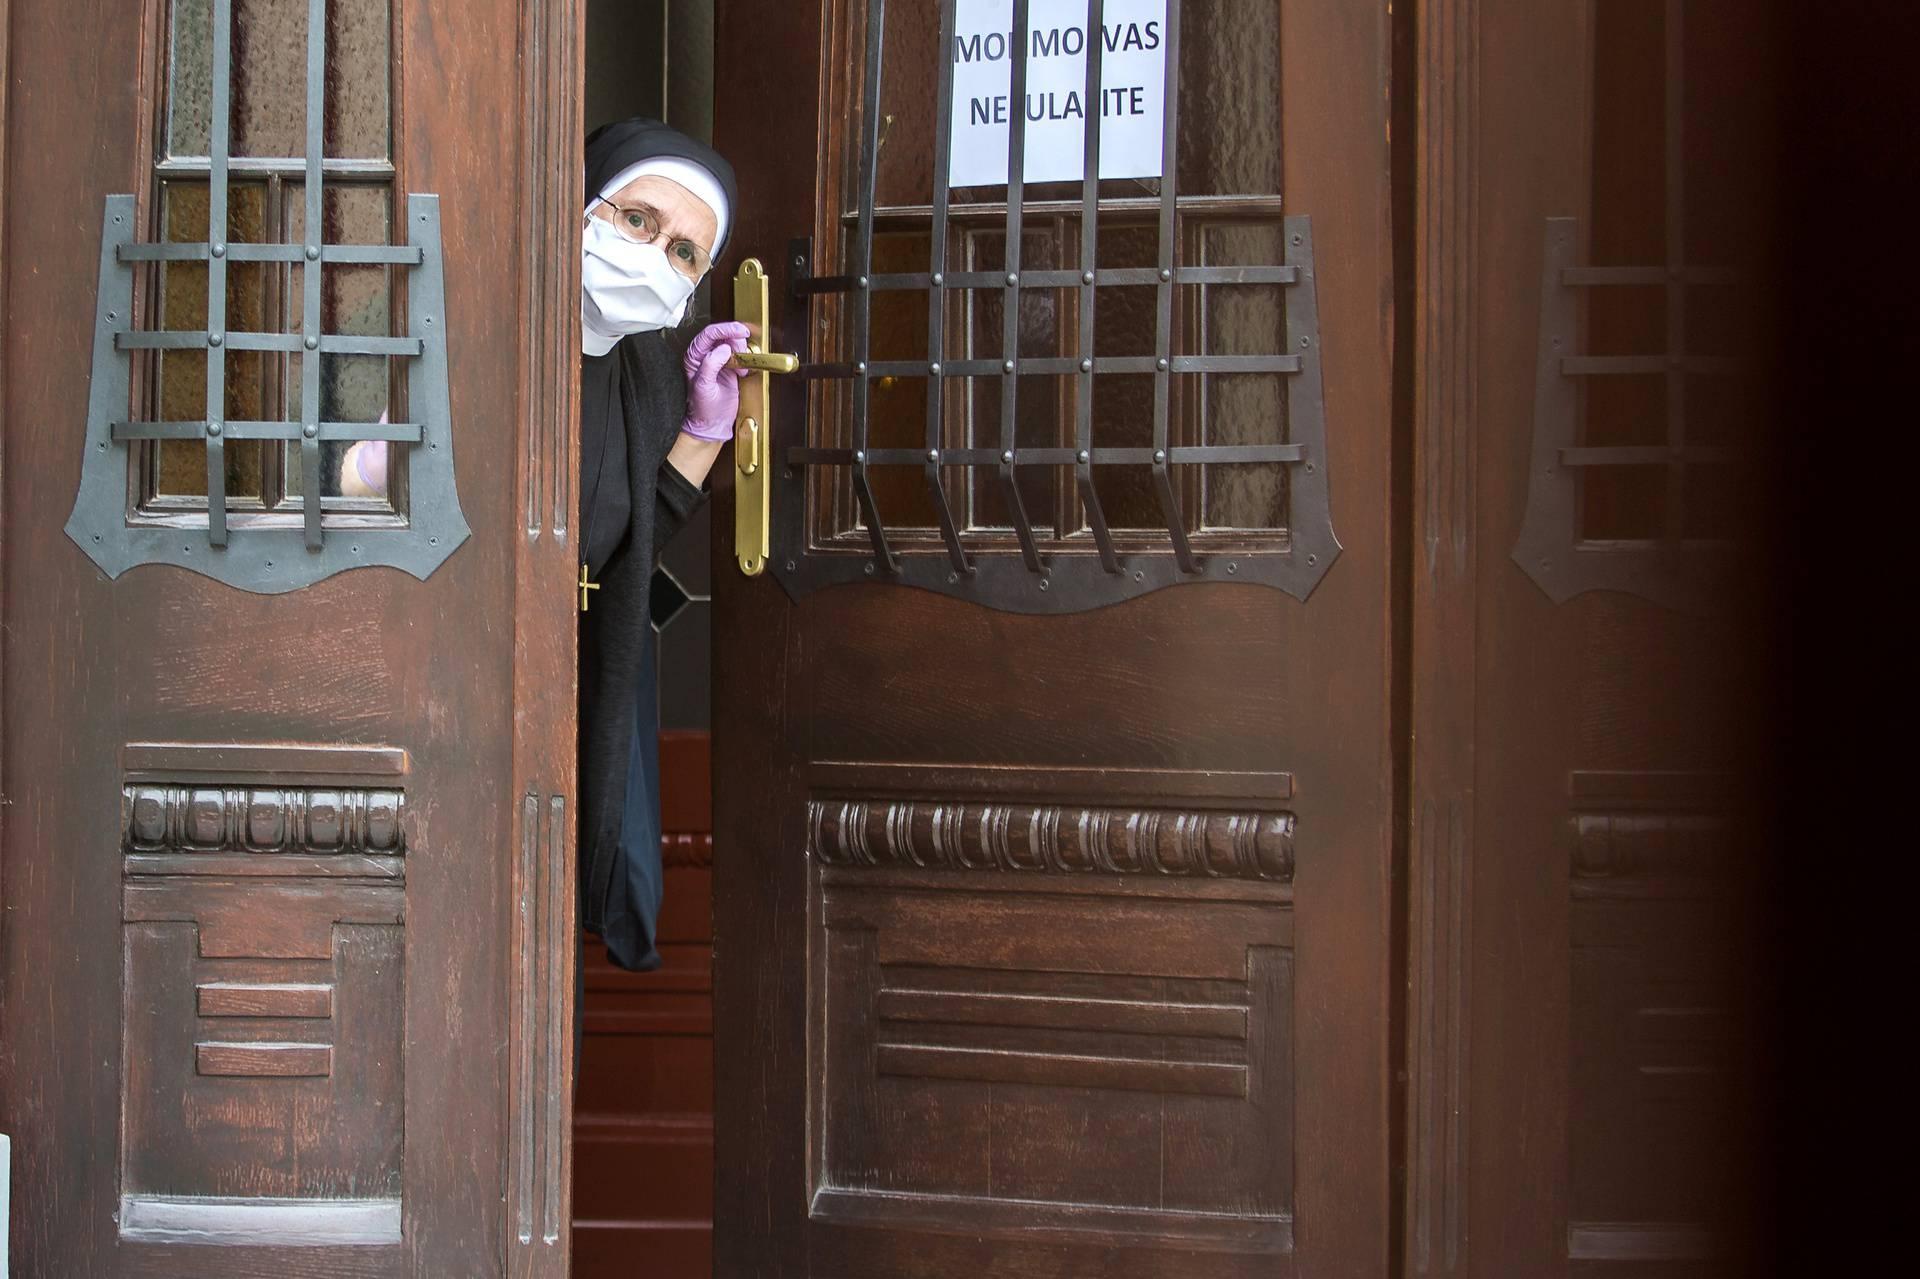 Korona stigla u samostan nakon posjeta časnih s Kosova: 'Svega smo se čuvale, ali nije pomoglo'